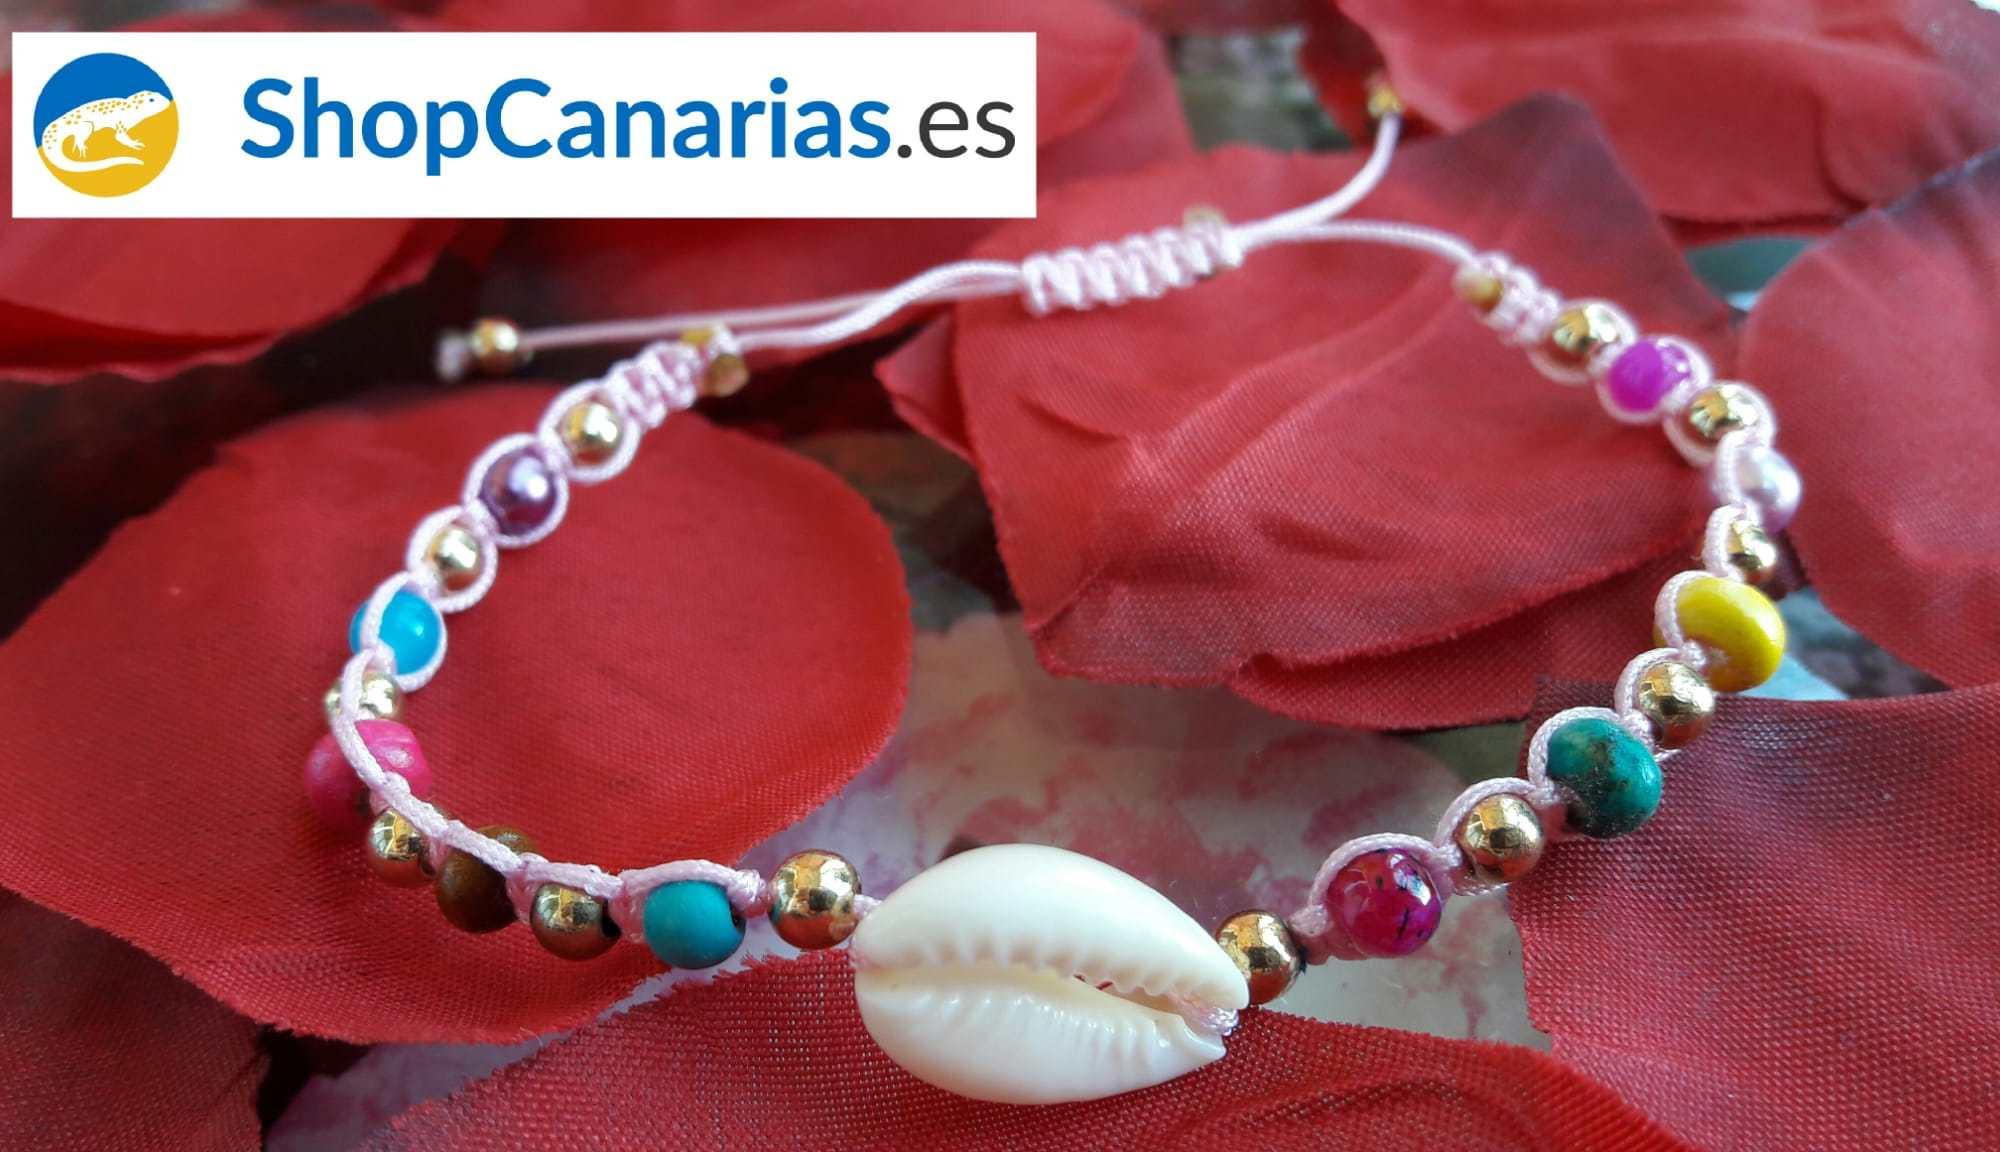 Pulsera Macramé Shopcanarias.es con hilo rosado y concha